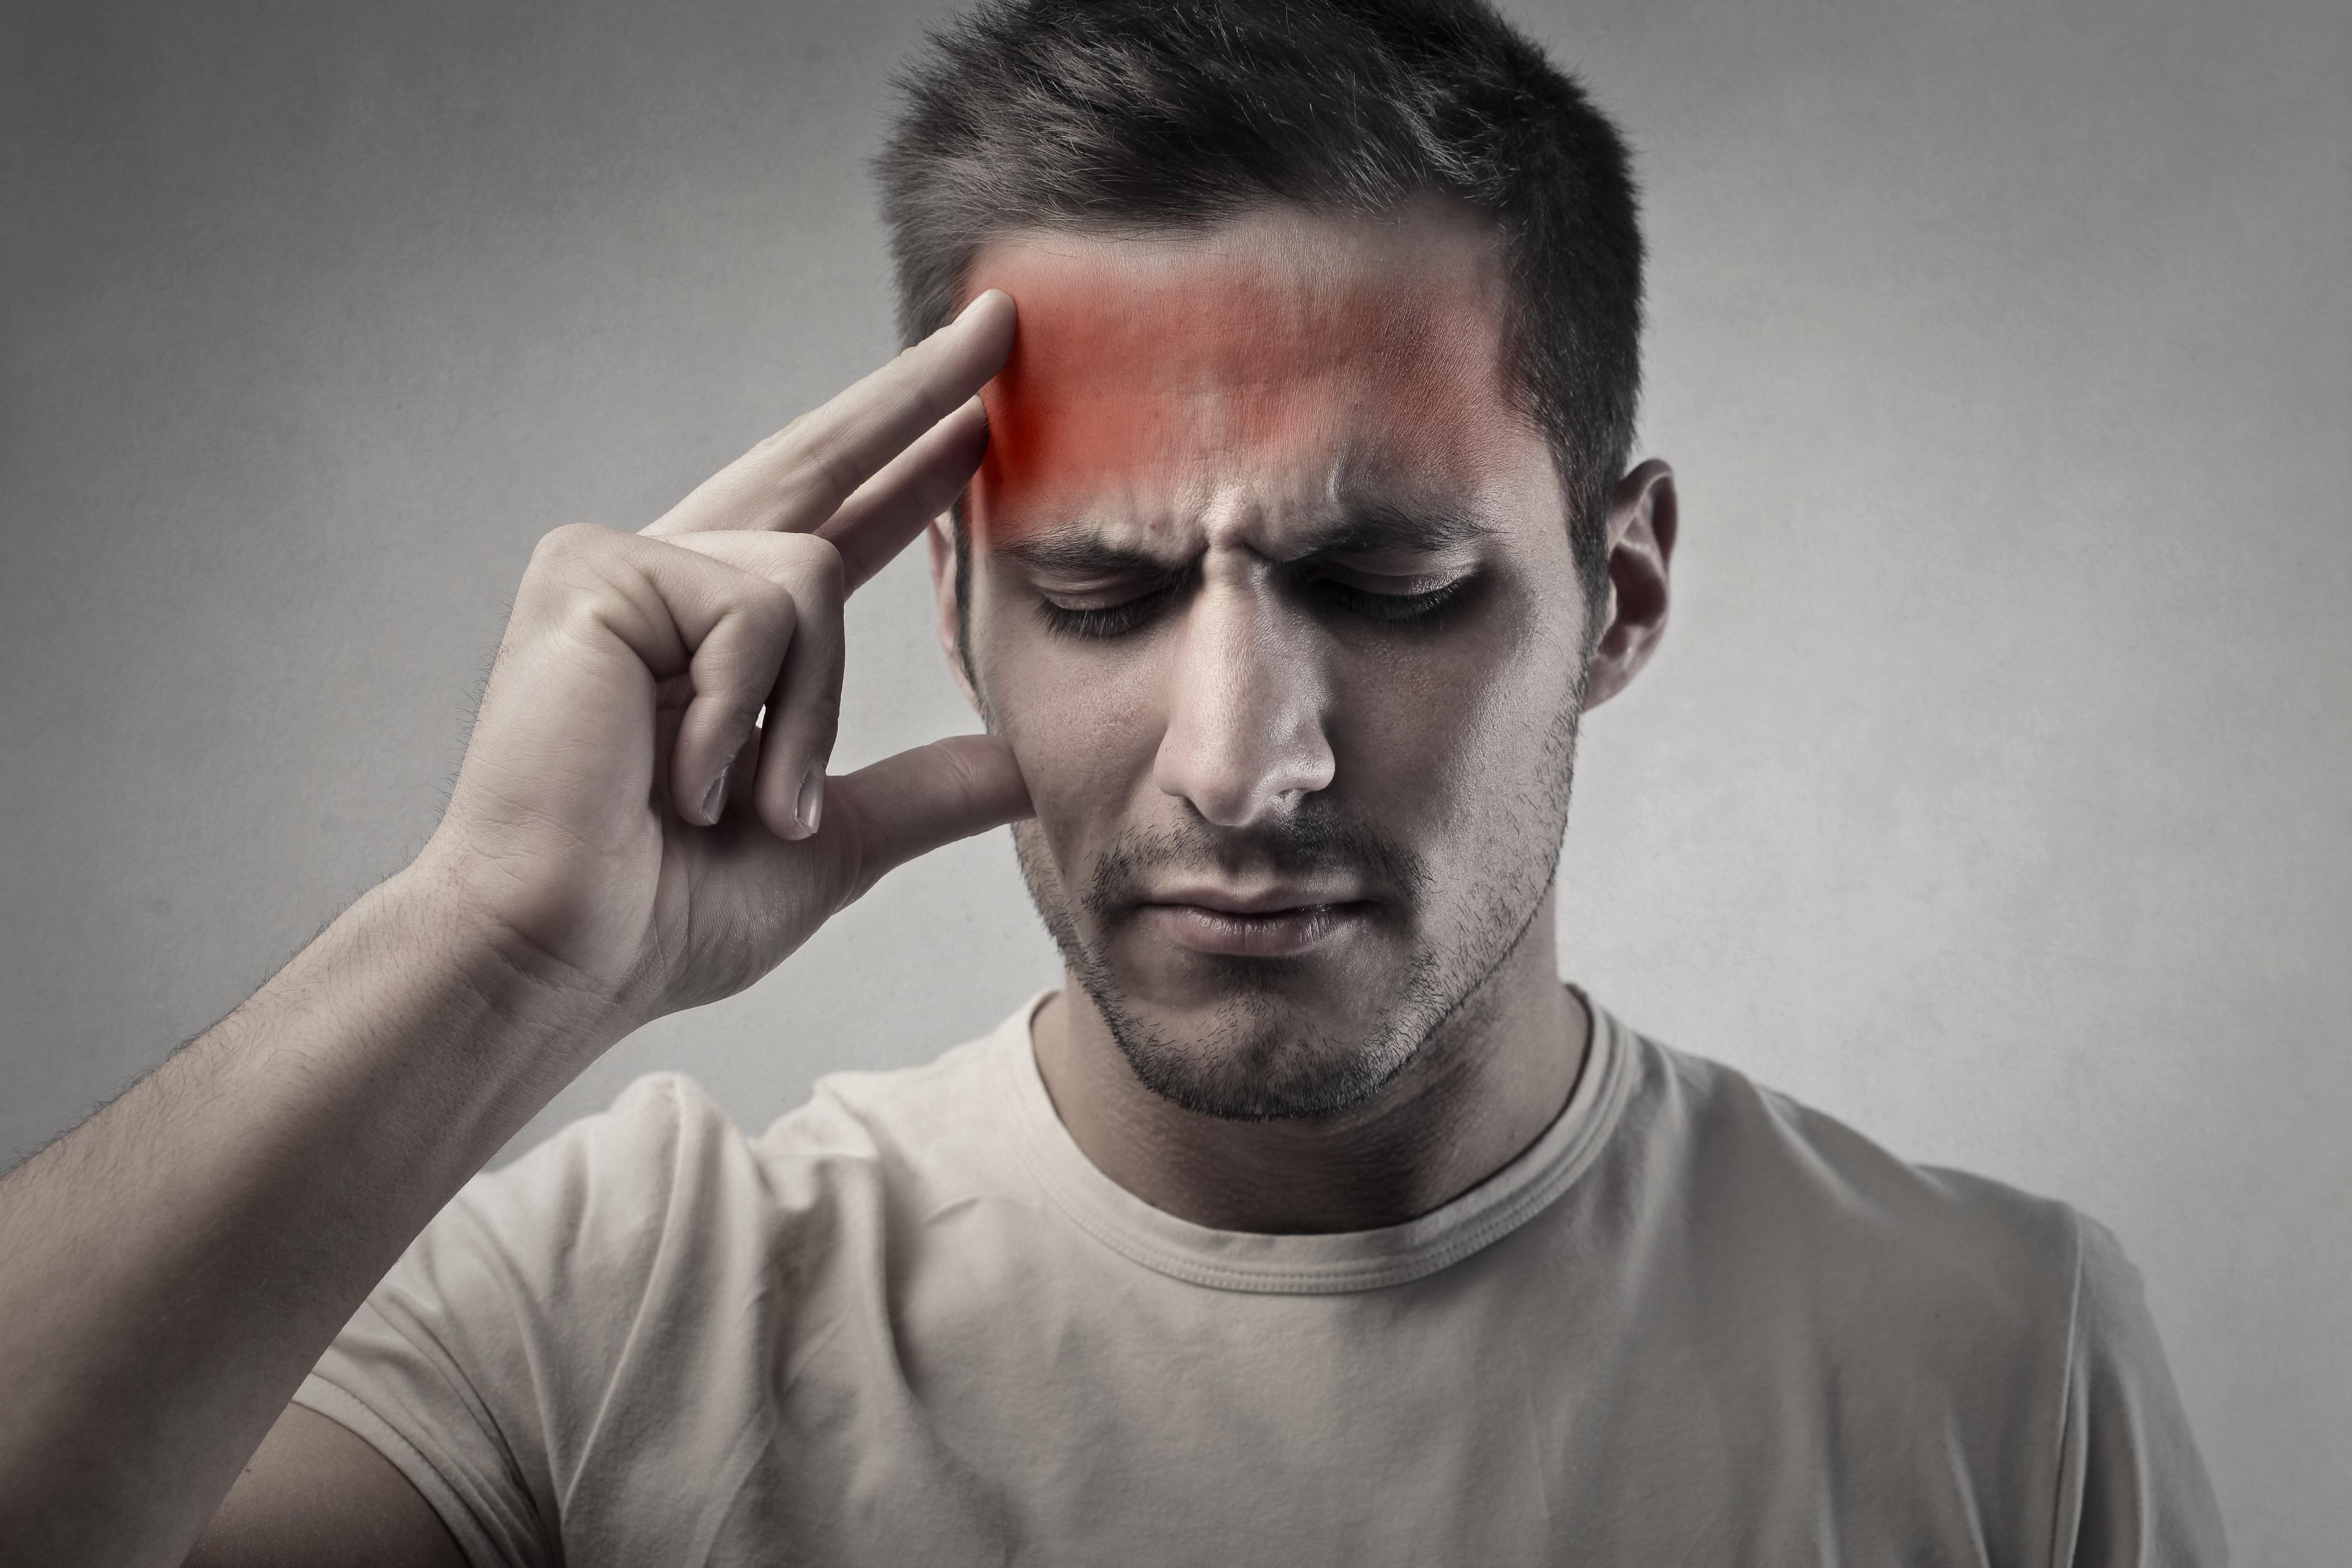 Szédül, kettős látása van? Ezek a tünetek lehetnek akár a stroke előjele is!